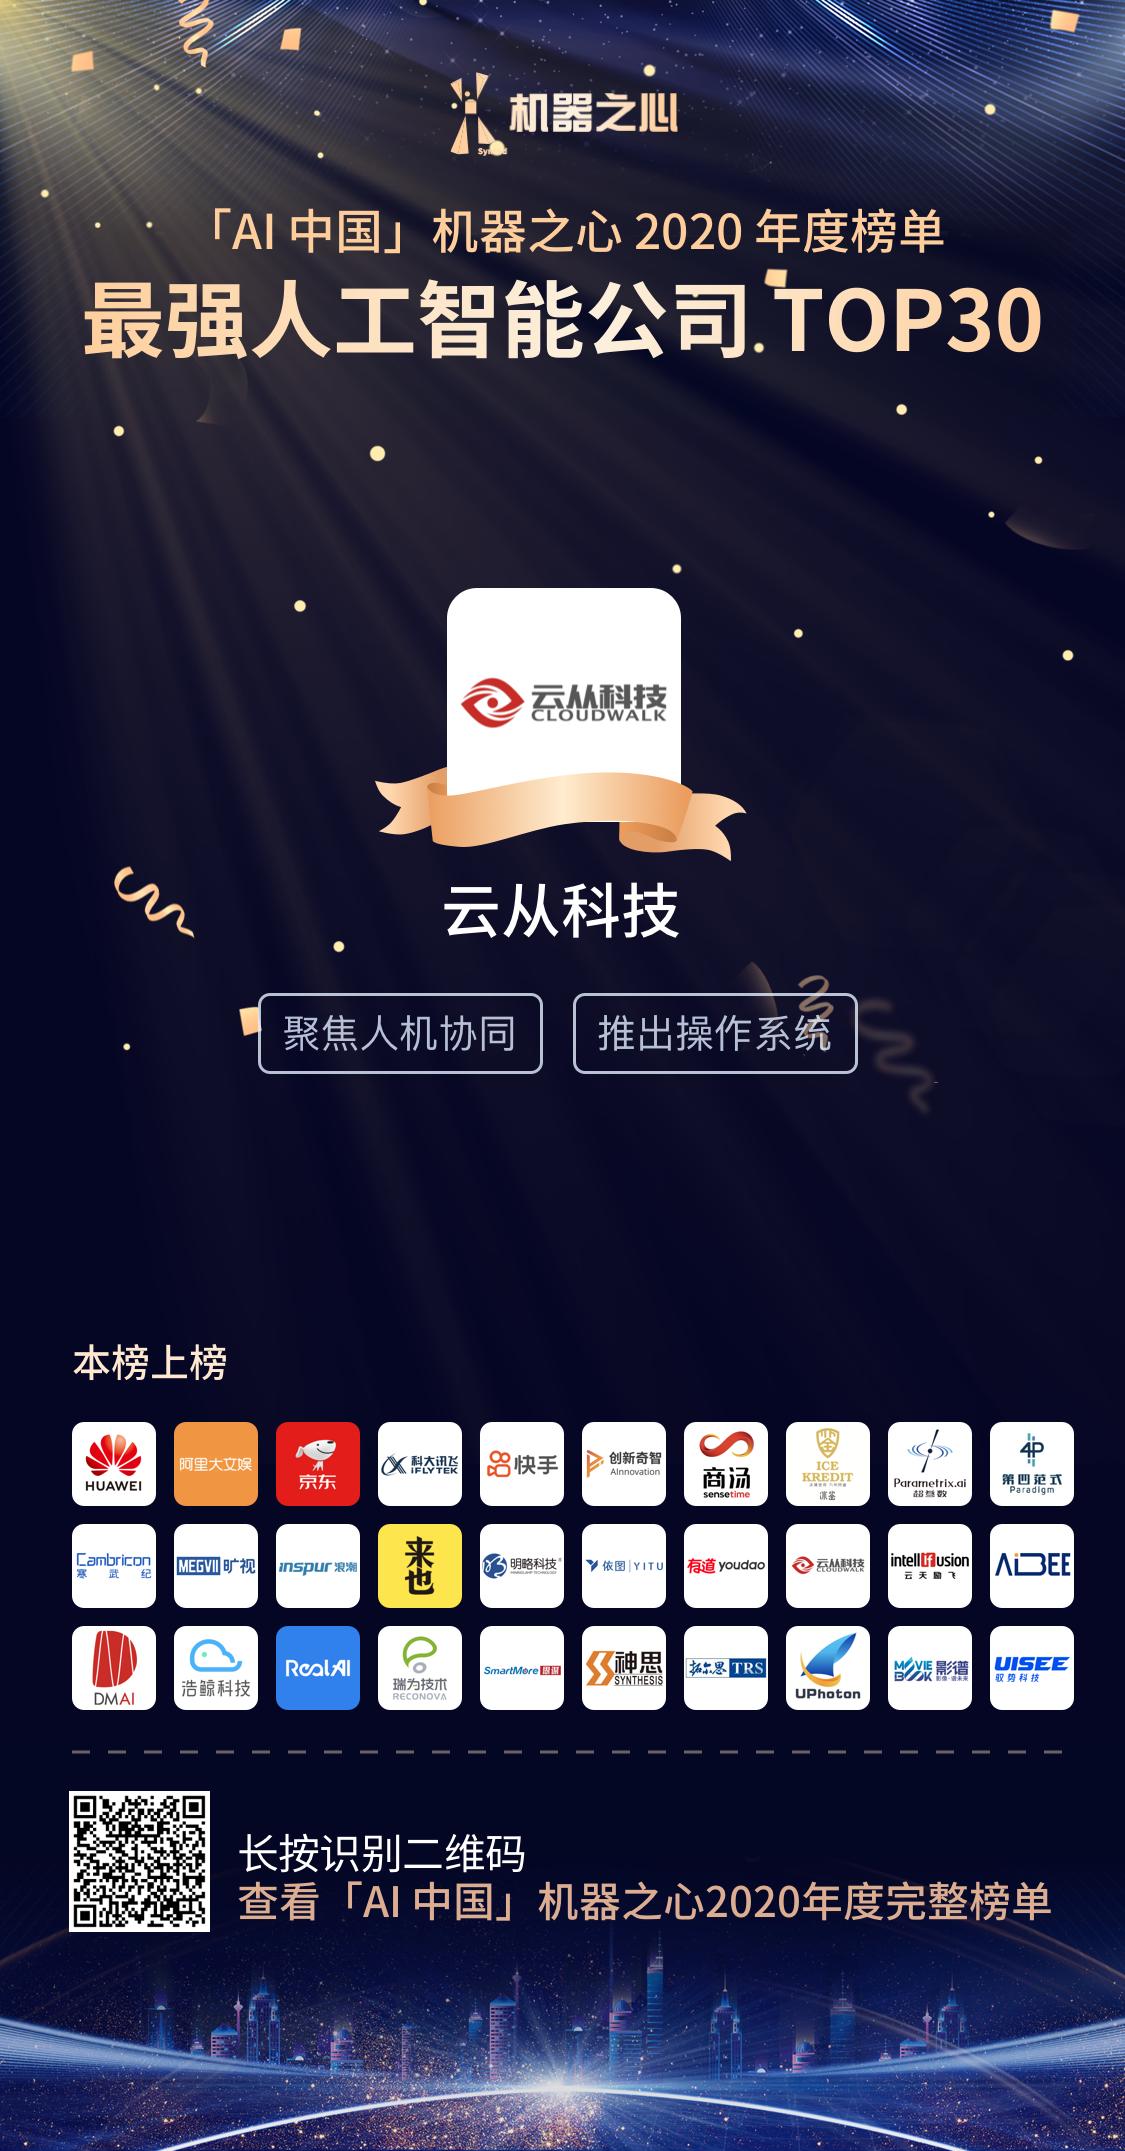 云从科技荣膺最强人工智能TOP30